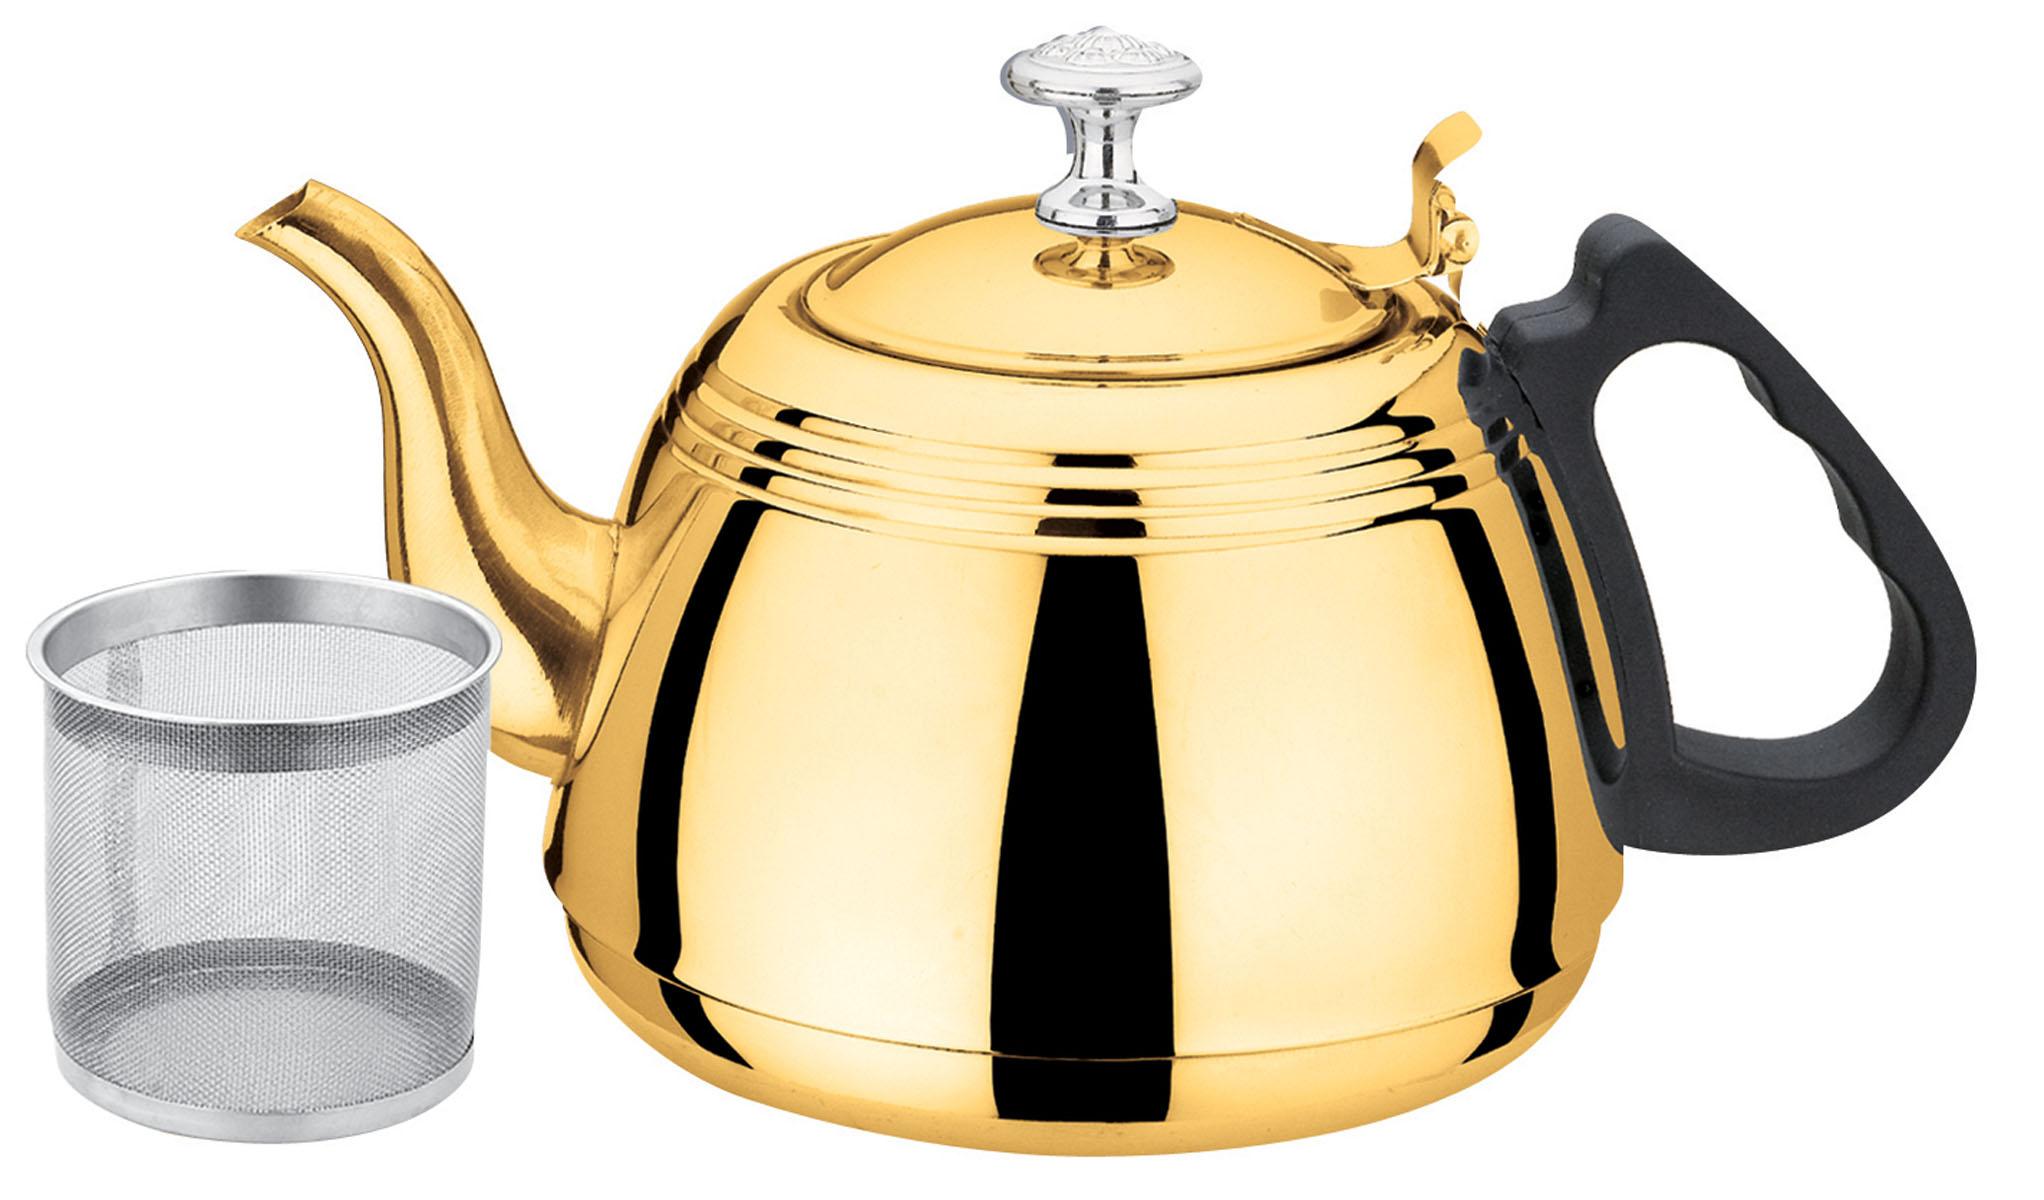 Чайник заварочный Bekker, с ситечком, цвет: золотистый, 1 л115510Чайник Bekker выполнен из высококачественной нержавеющей стали, что обеспечивает долговечность использования. Внешнее зеркальное покрытие придает приятный внешний вид. Бакелитовая ручка делает использование чайника очень удобным и безопасным. Чайник снабжен ситечком для заваривания. Можно мыть в посудомоечной машине. Пригоден для всех видов плит, включая индукционные.Высота чайника (без учета крышки и ручки): 8,4 см.Диаметр основания: 12 см. Толщина стенки: 0,4 мм.Толщина дна: 1 мм.Высота ситечка: 7,3 см.